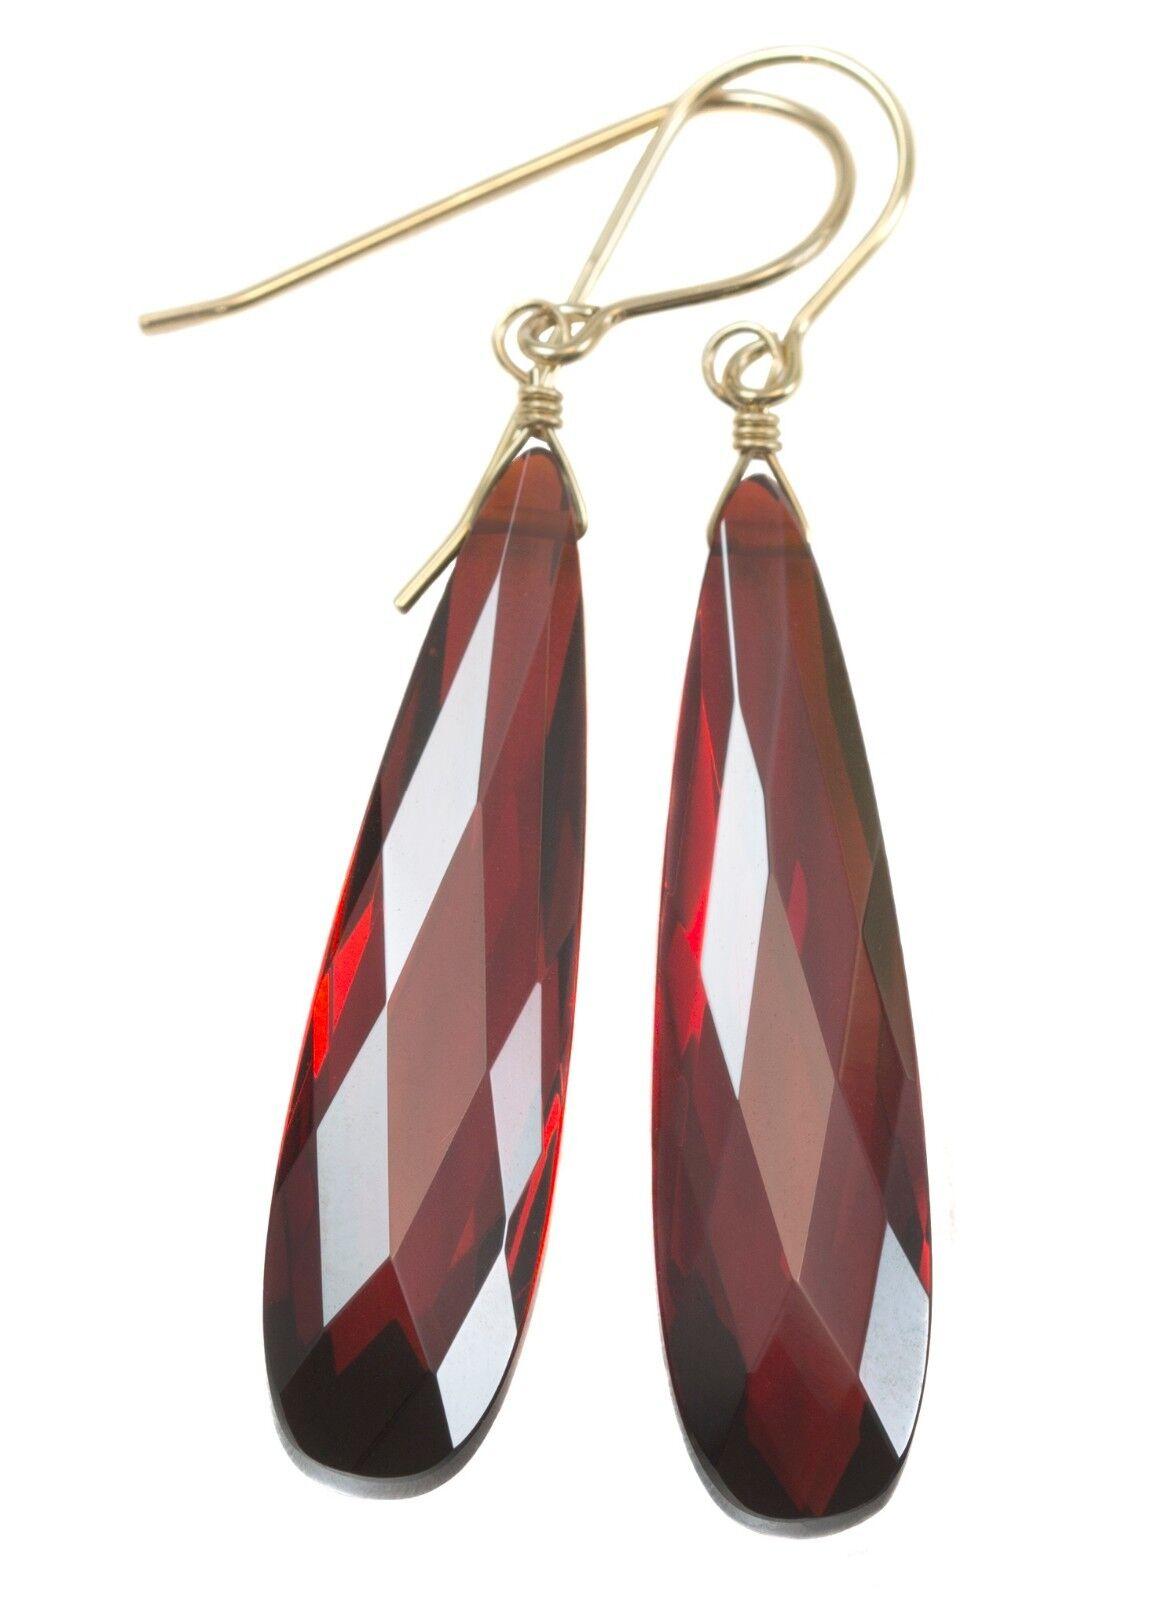 14k gold Cubic Zirconia Earrings Red Sim Garnet CZ Long Large 2   Drops Sterling